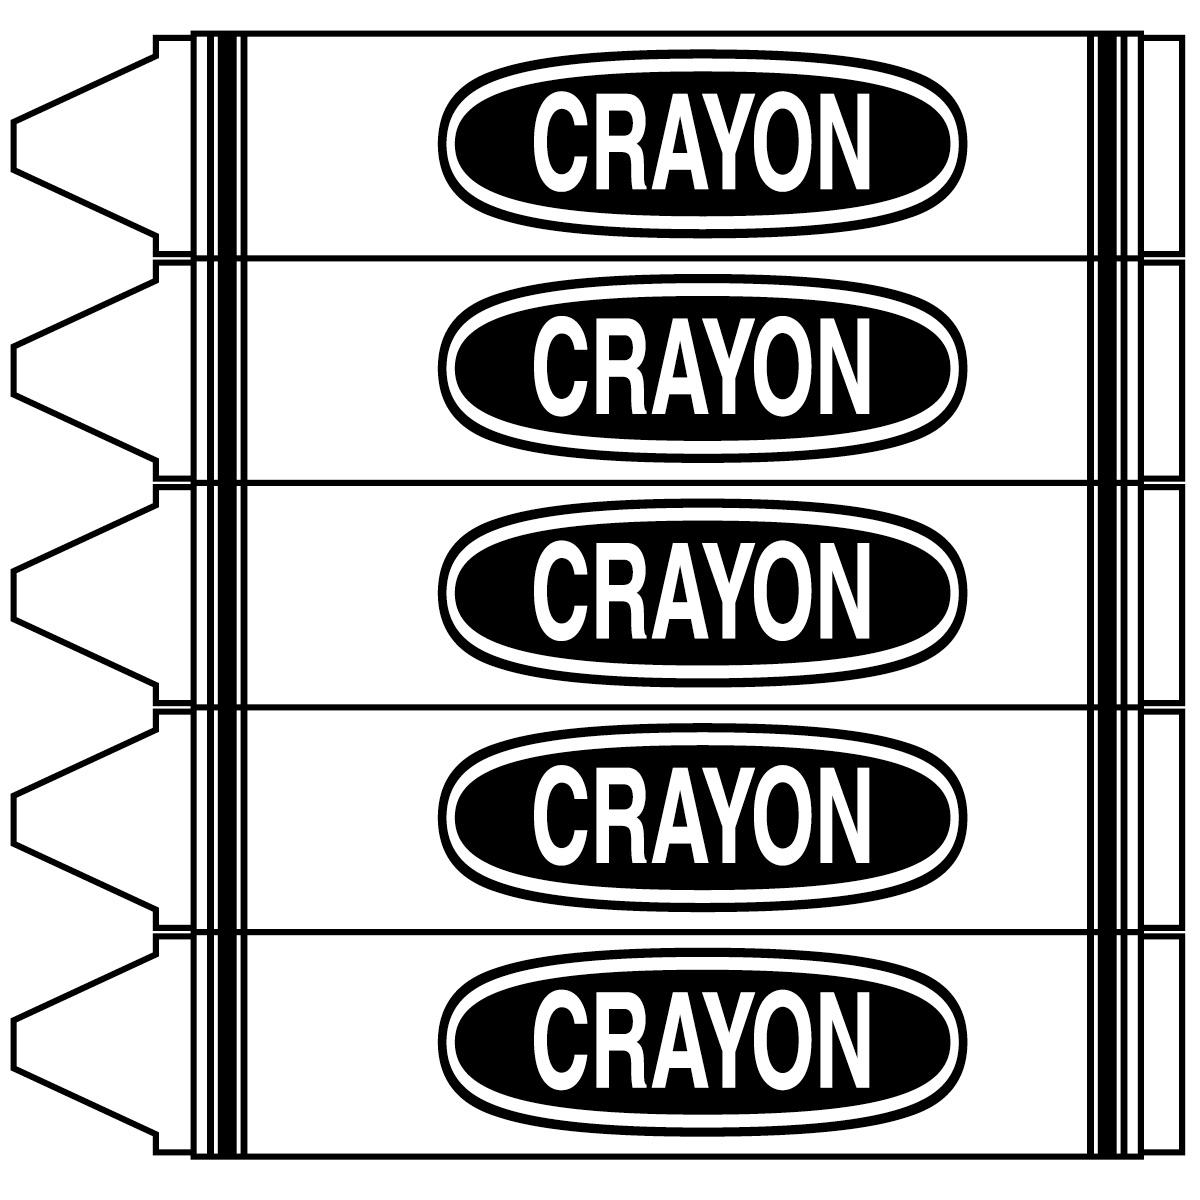 Crayon clipart color word Clip B&W Crayons com Words: